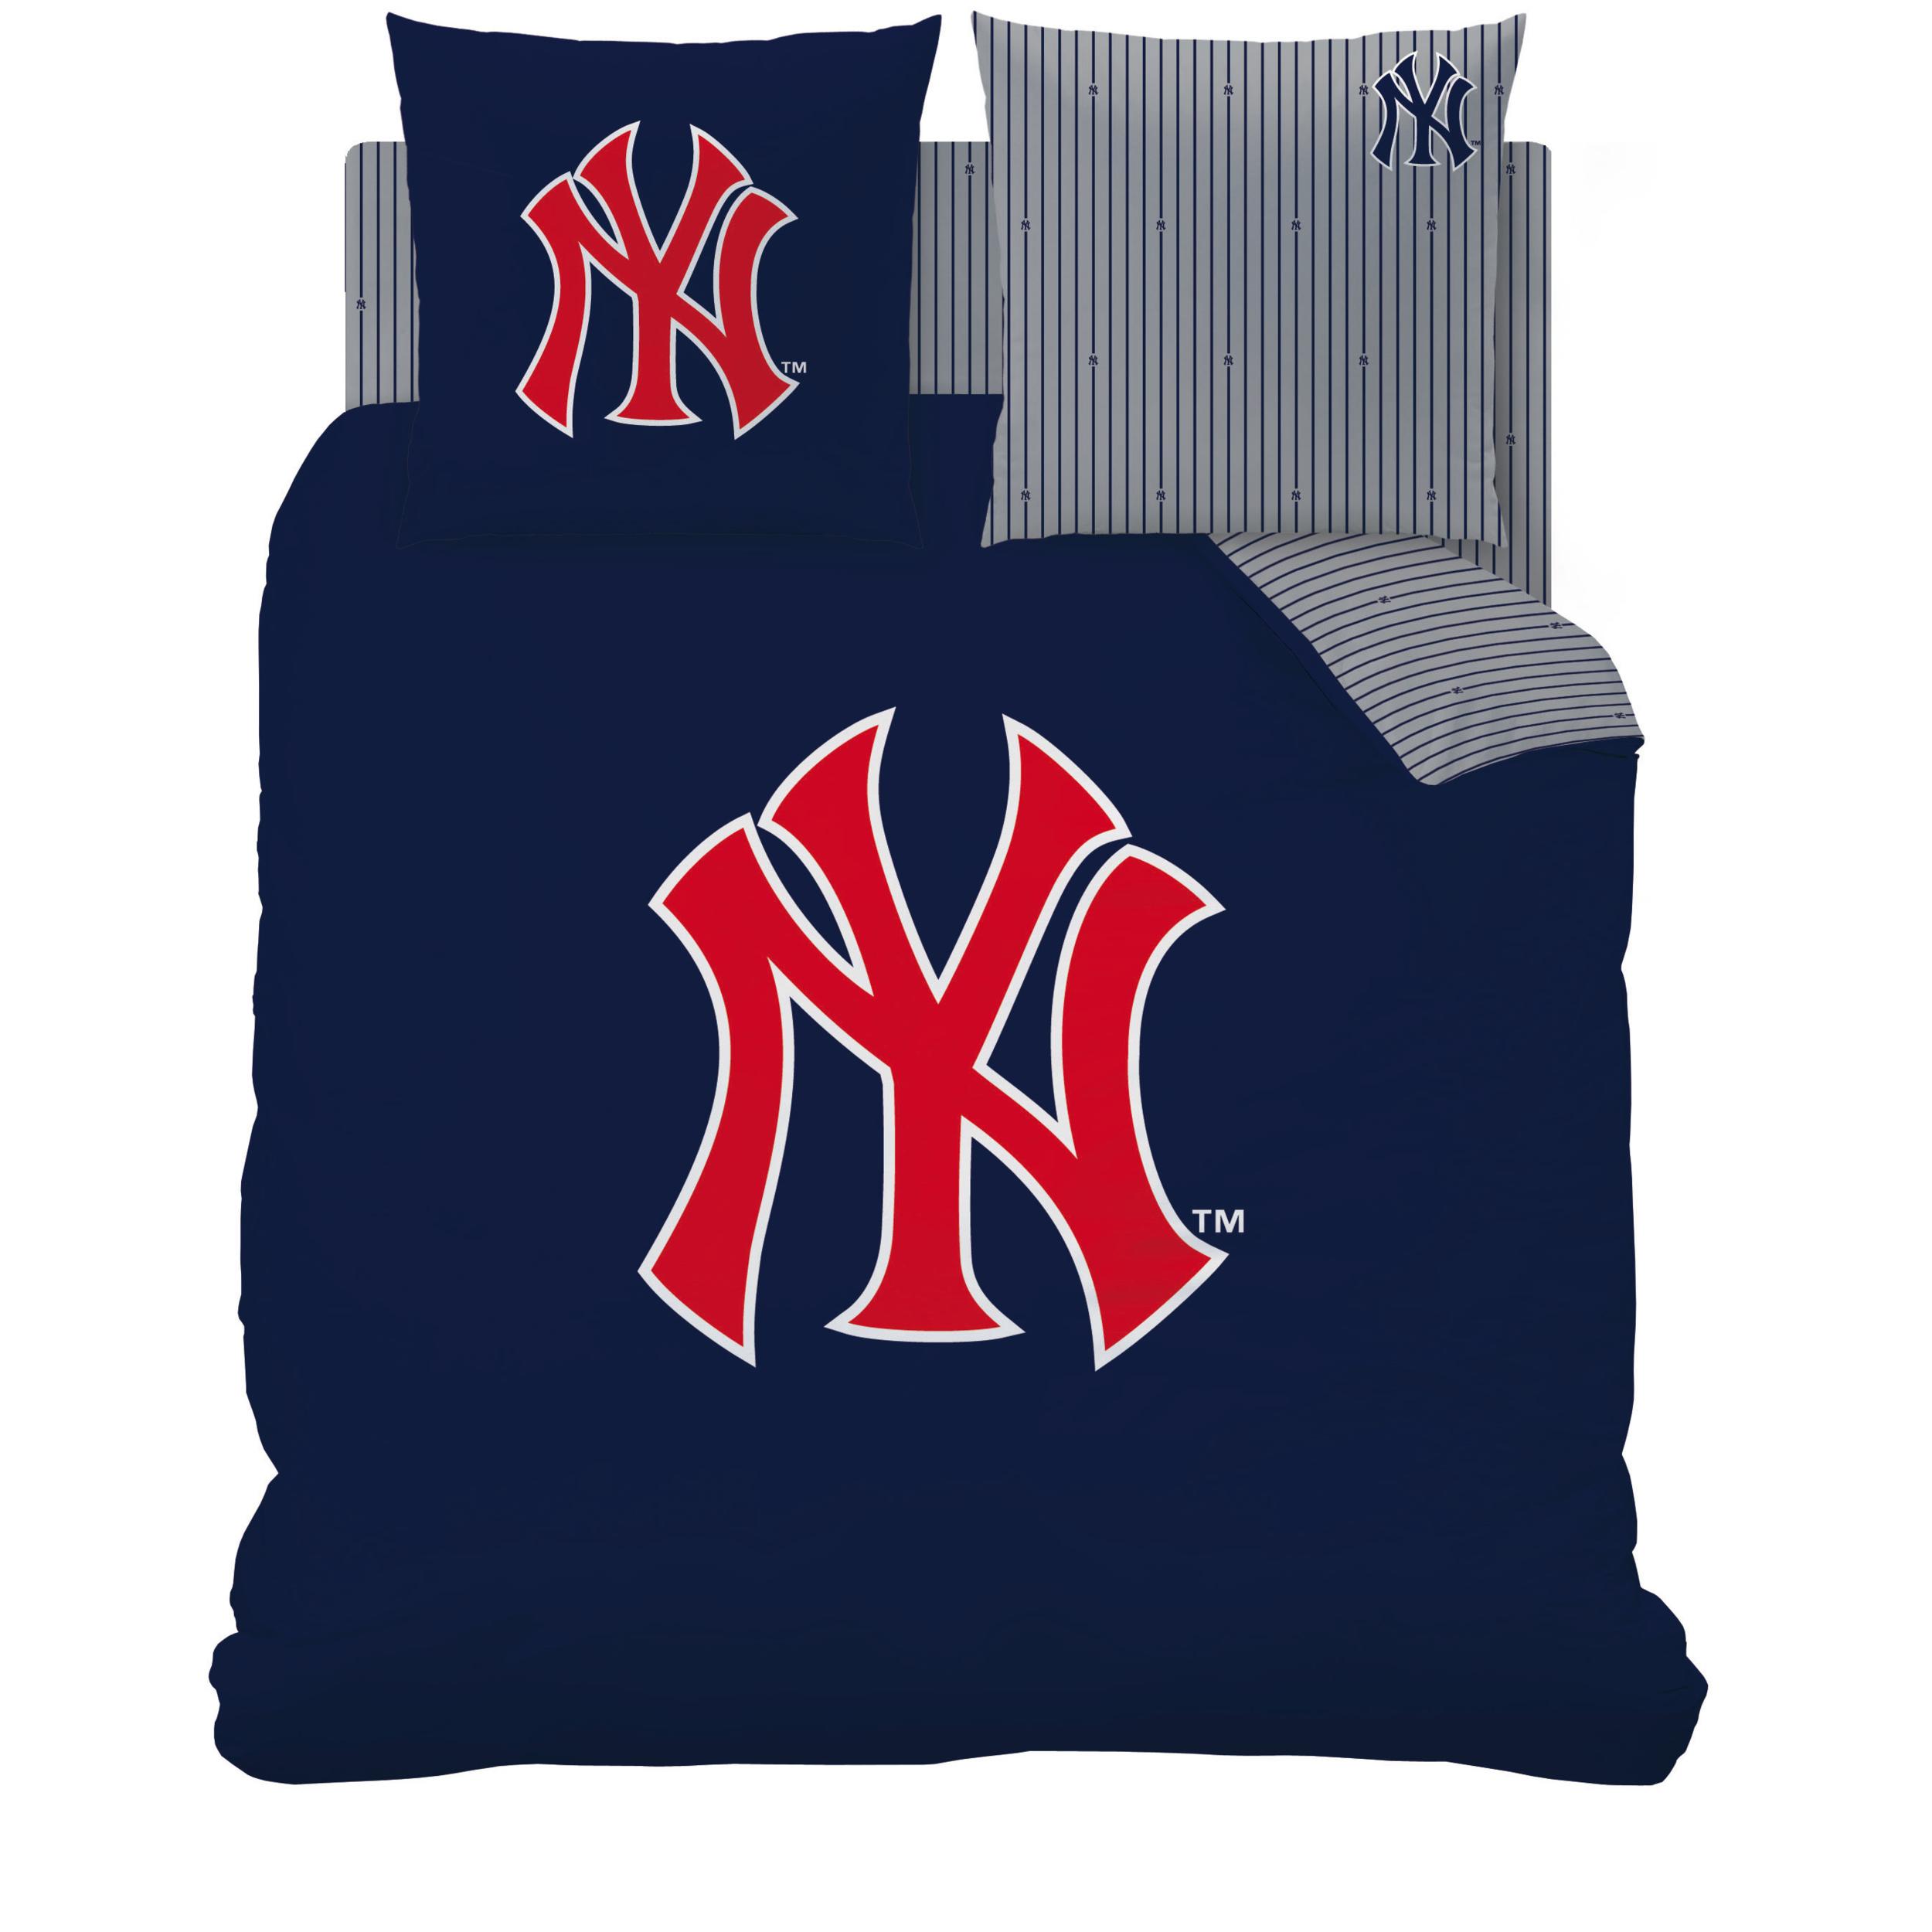 Cti new york yankees parure de lit housse de couette - Housse de couette new york une personne ...